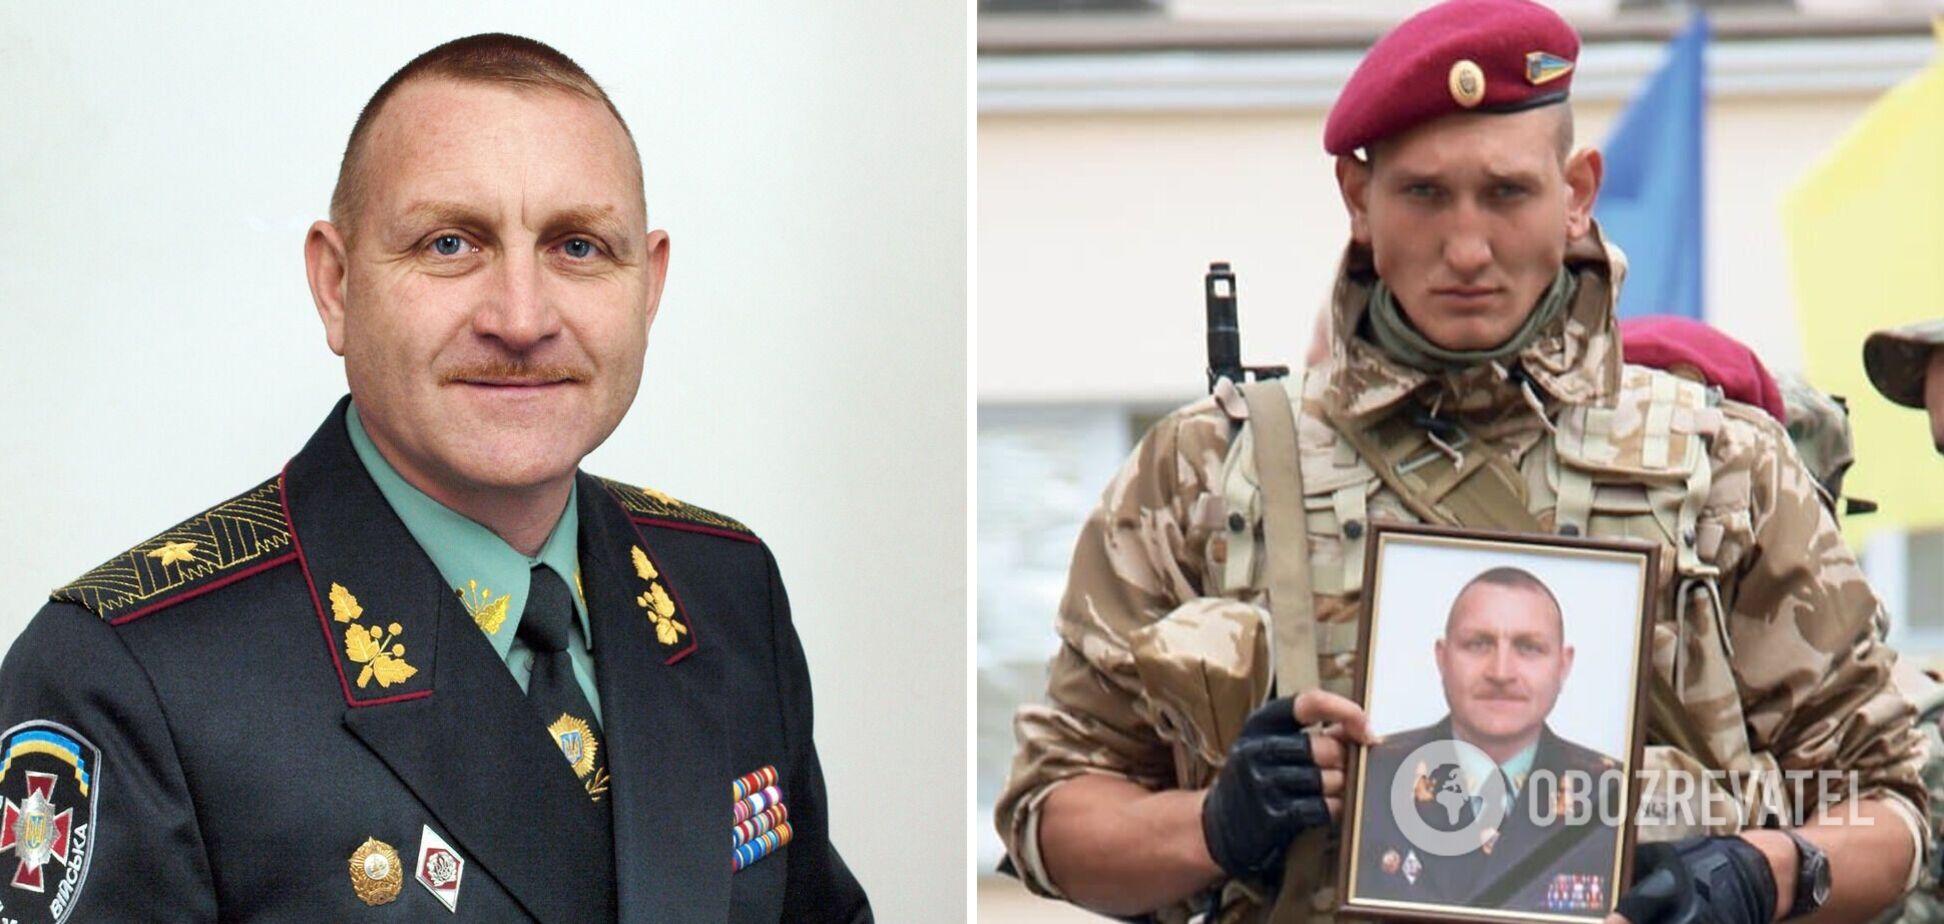 В Украине почтили память генерала Кульчицкого, погибшего на Донбассе 7 лет назад. Видео